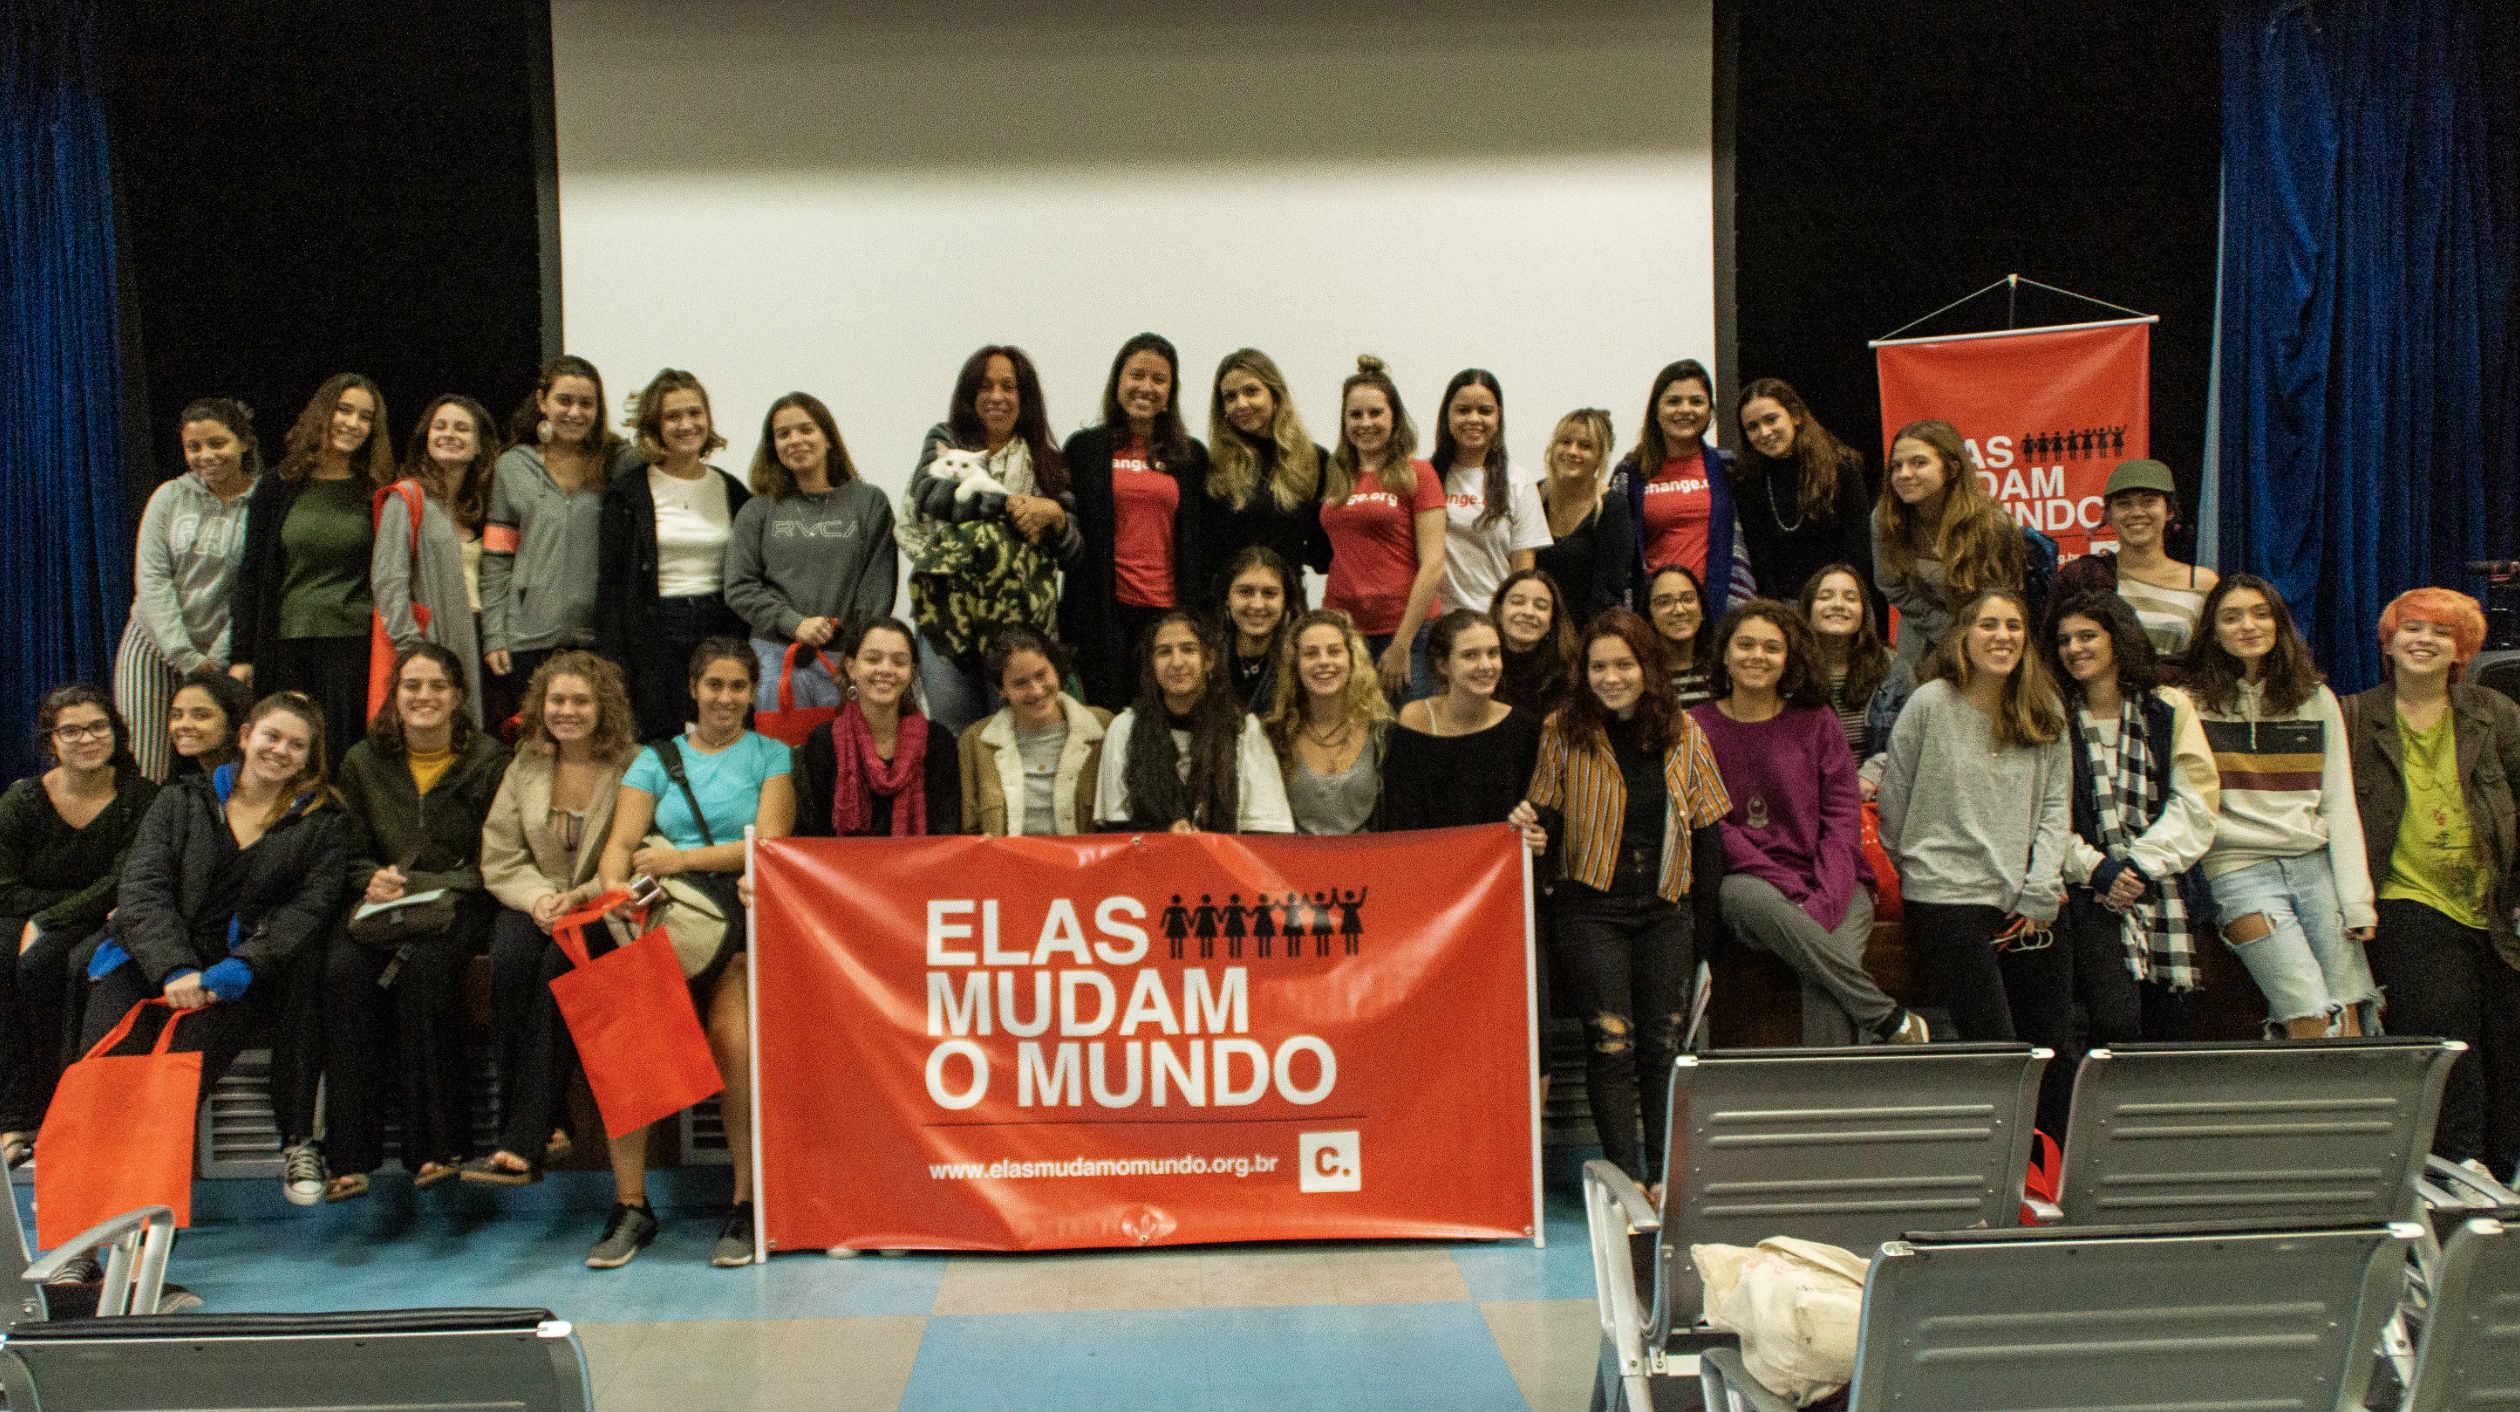 O workshop que faz parte de um programa internacional de empoderamento de mulheres foi realizado na Escola Gracinha, na última sexta-feira (24) (Imagem: Fábio Mendes Teixeira/Coletivo UNI)